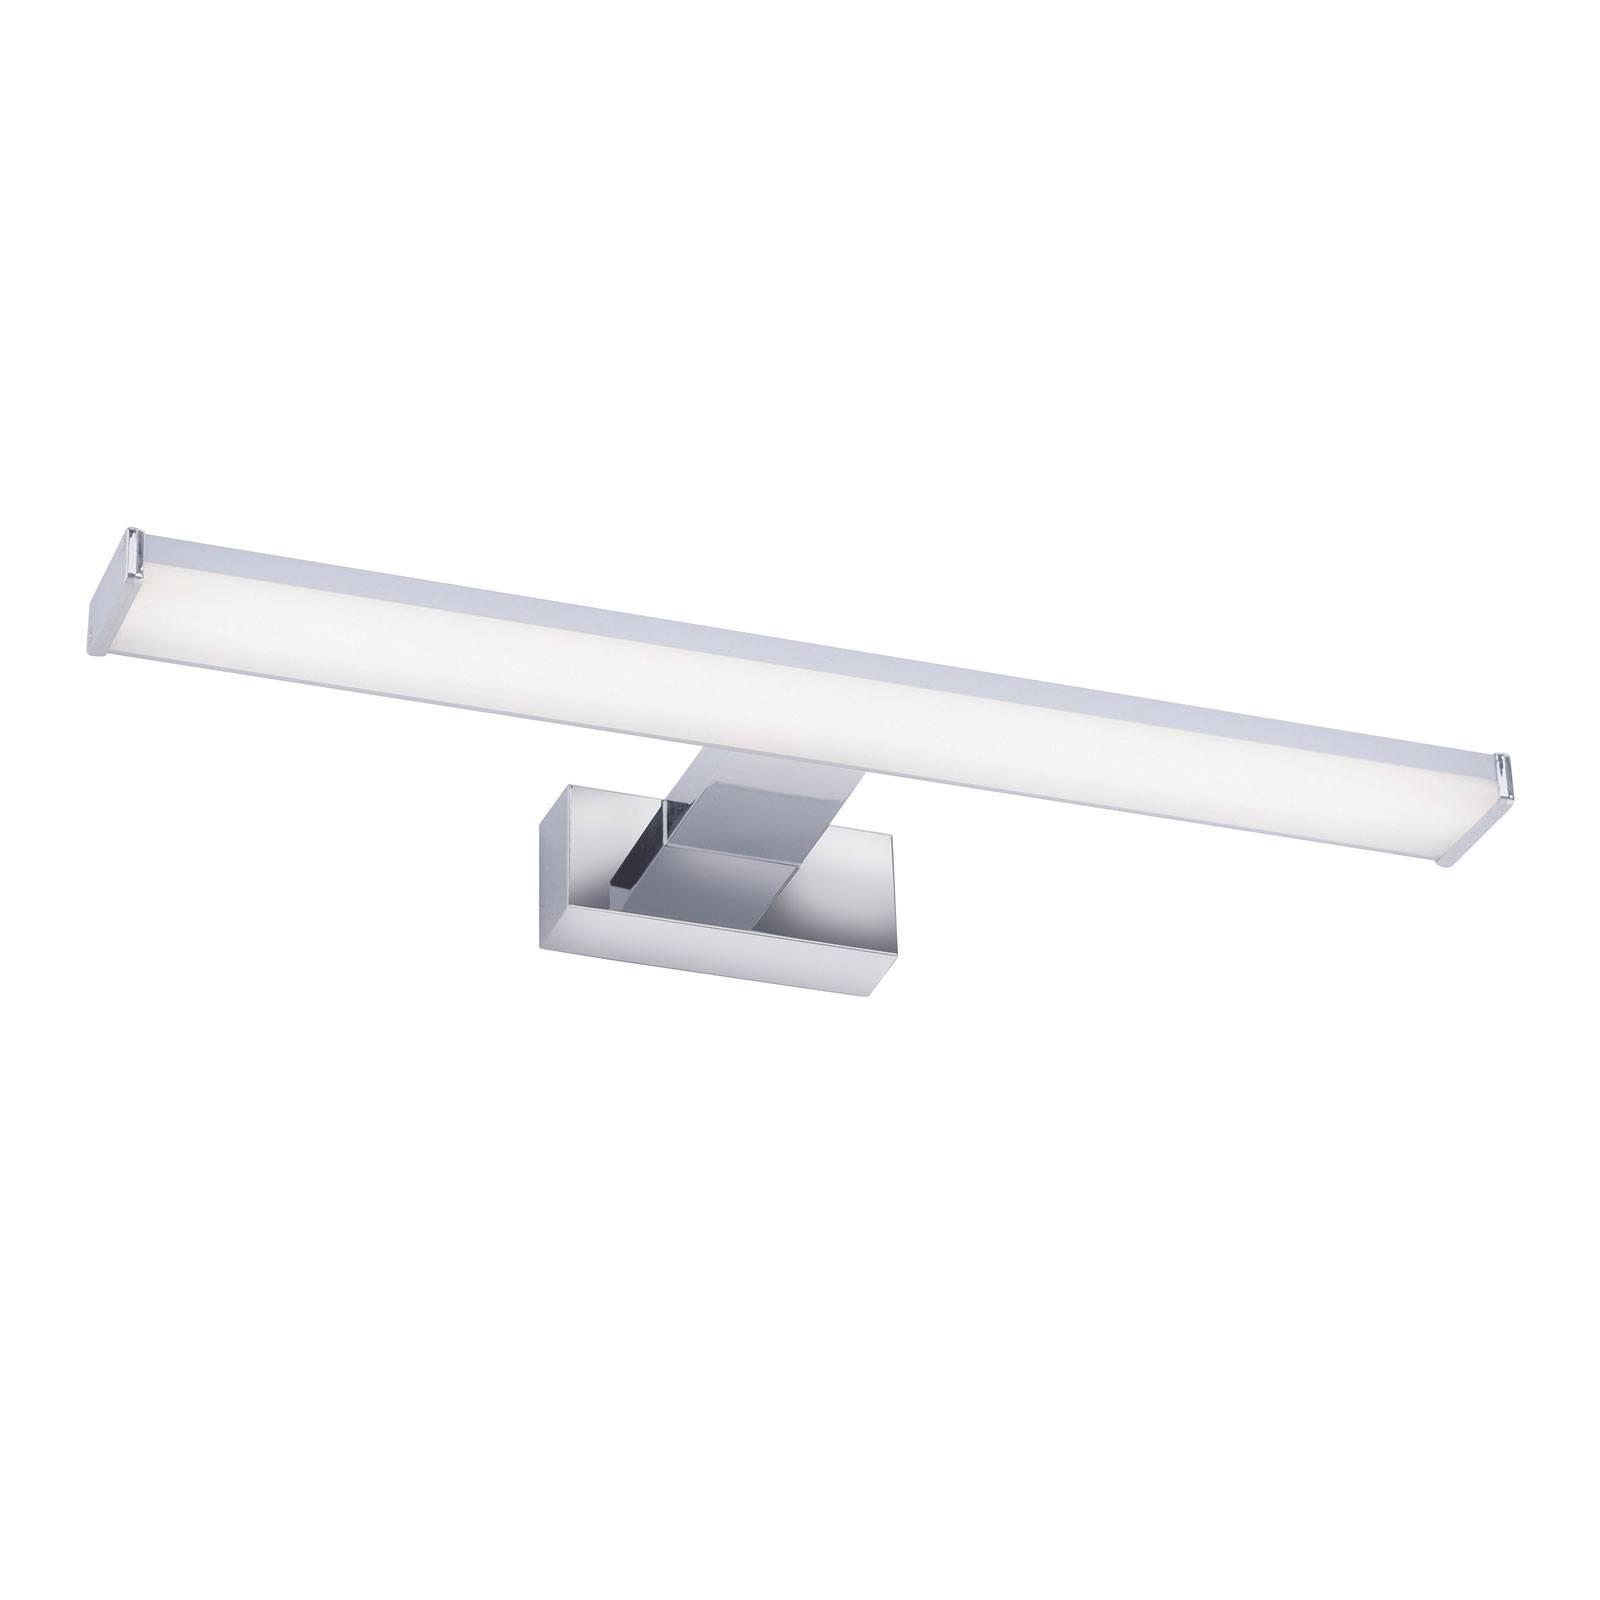 LED Spiegelleuchte Mattis, 20 cm